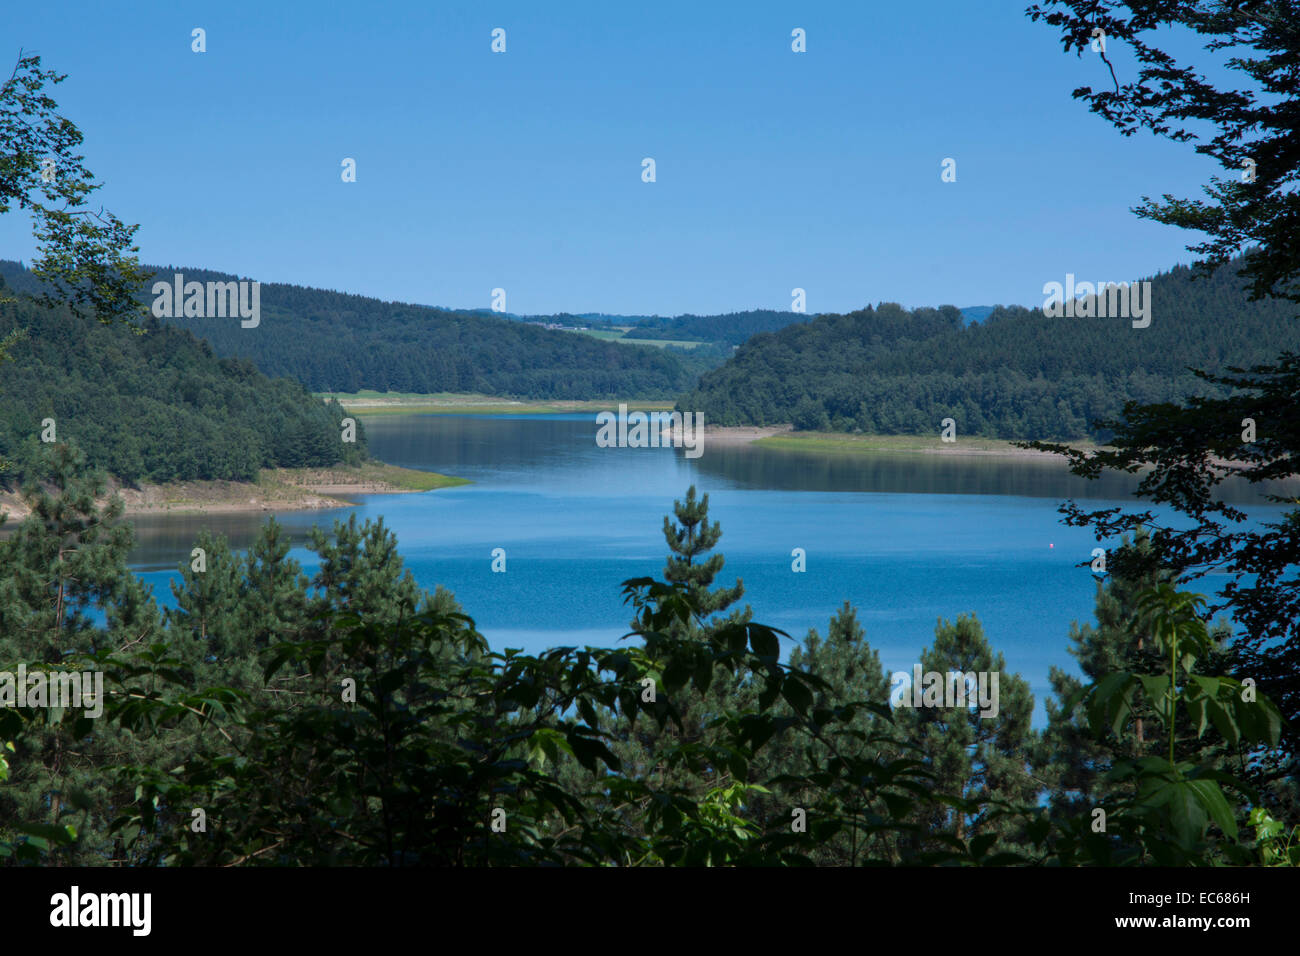 Große Dhünntalsperre, Great Dhuenntal Dam, Rheinisch Bergischer Kreis, Bergisches Land, North Rhine Westphalia, Stock Photo